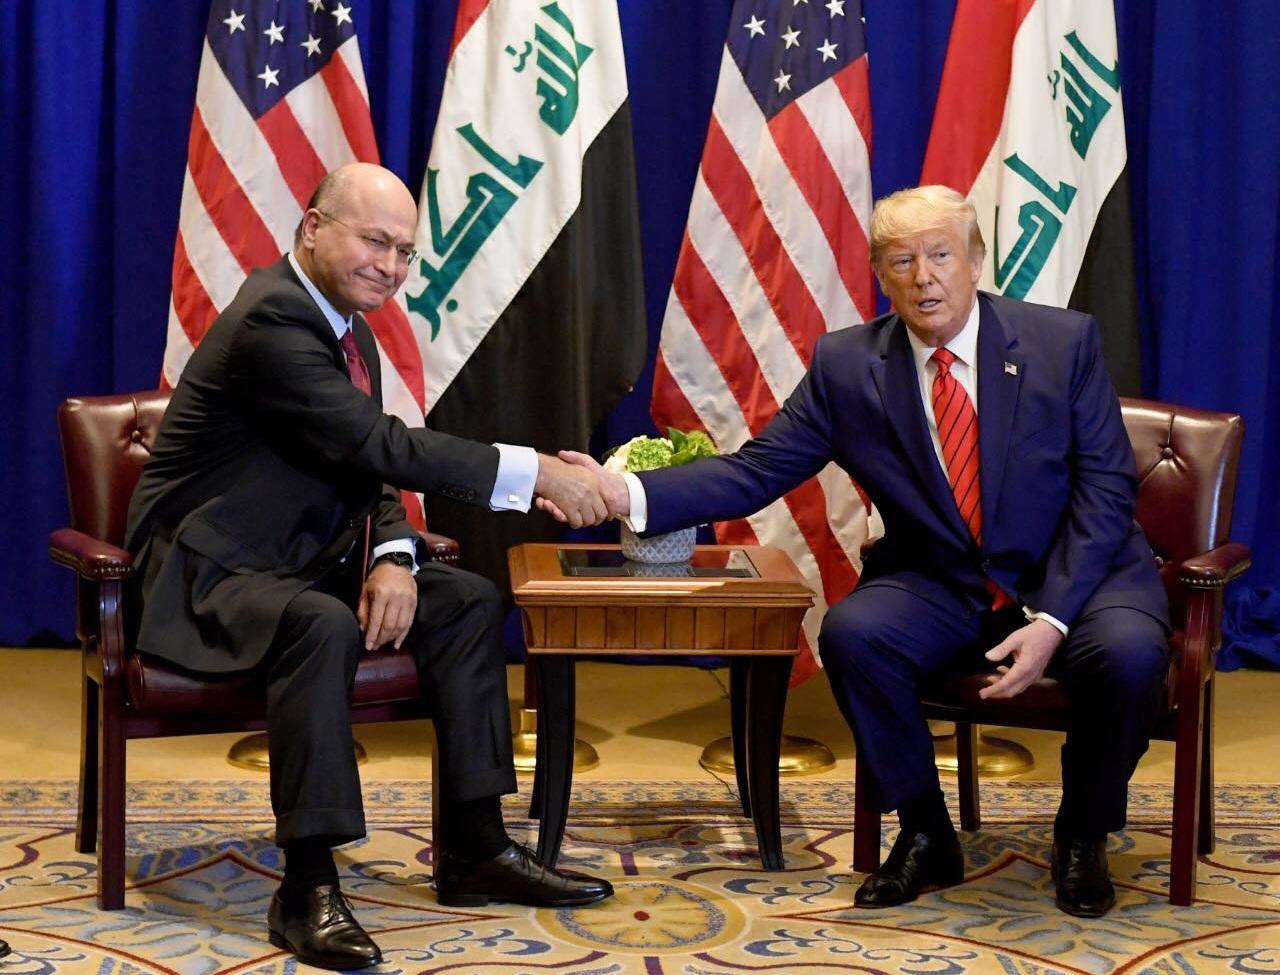 الهاشمي: إيران تجاهد للجلوس مع ترامب وأنصارها في العراق ينتقدون صالح لمصافحته!